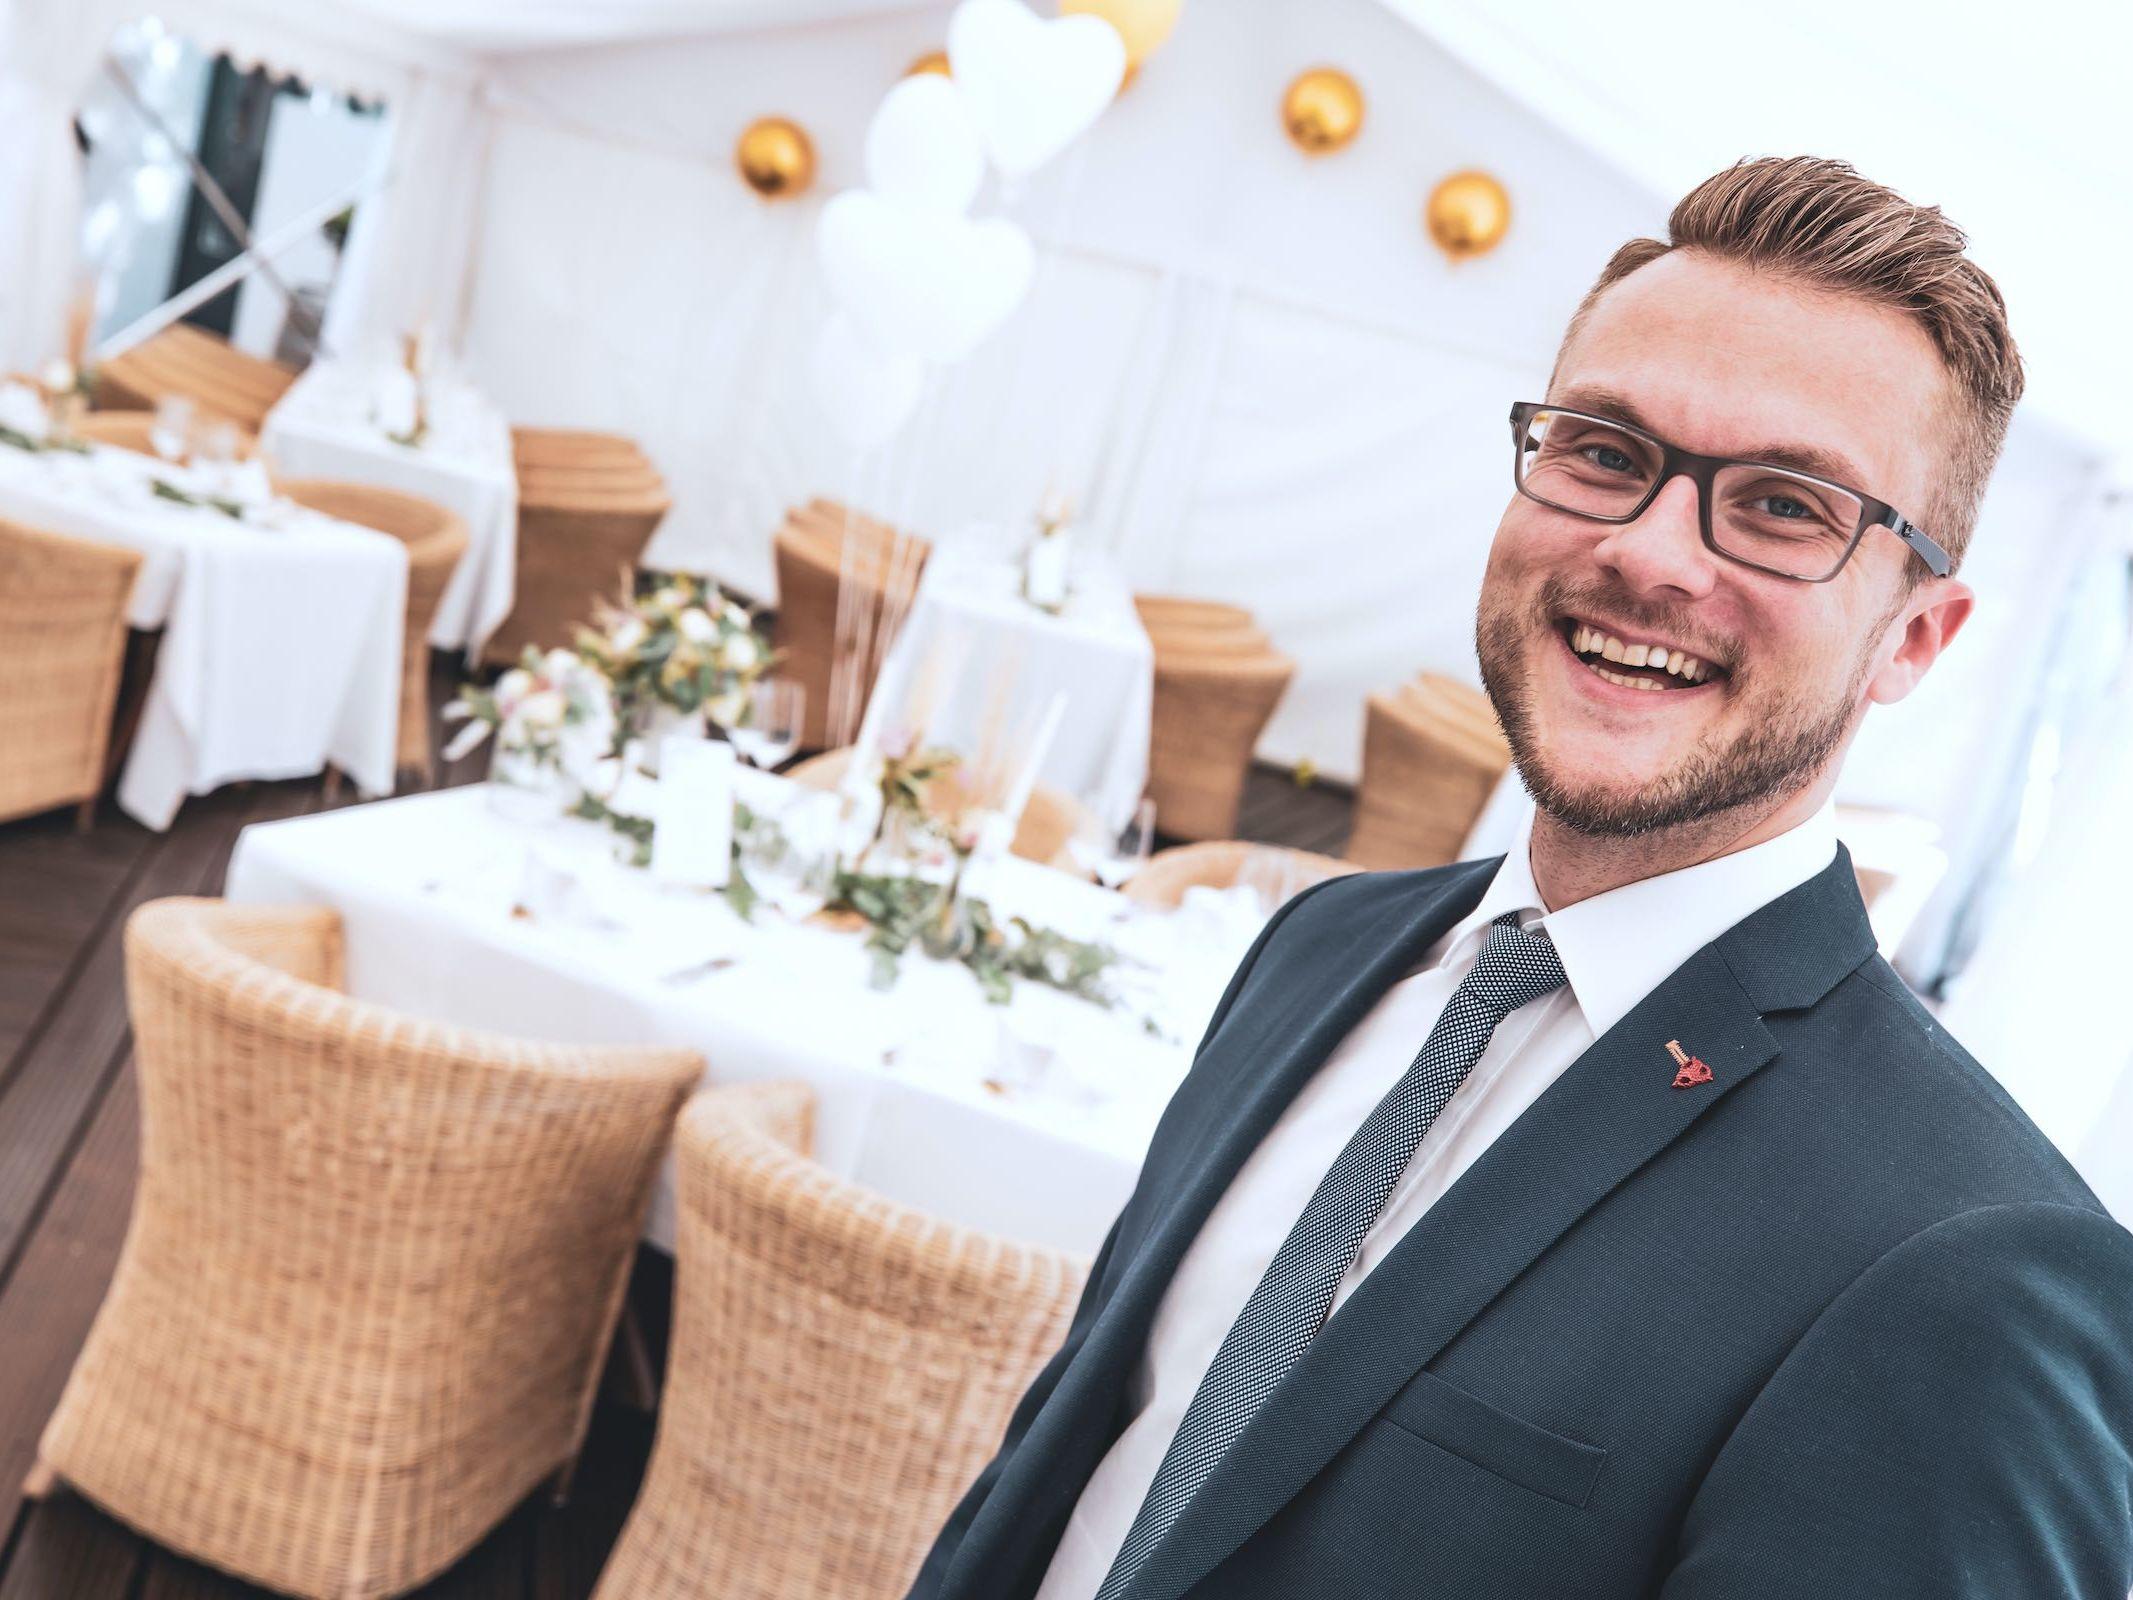 Hochzeits | DJ | Buchen | Hannover | Braunschweig | Daniel | Paar | DJ | Hochzeit | Messe | DJ | Event | DJ | Geburtstag | DJ | Betriebsfeier | DJ | Buchen | Mieten | DJ | Agentur | Lehmann | Eventservice